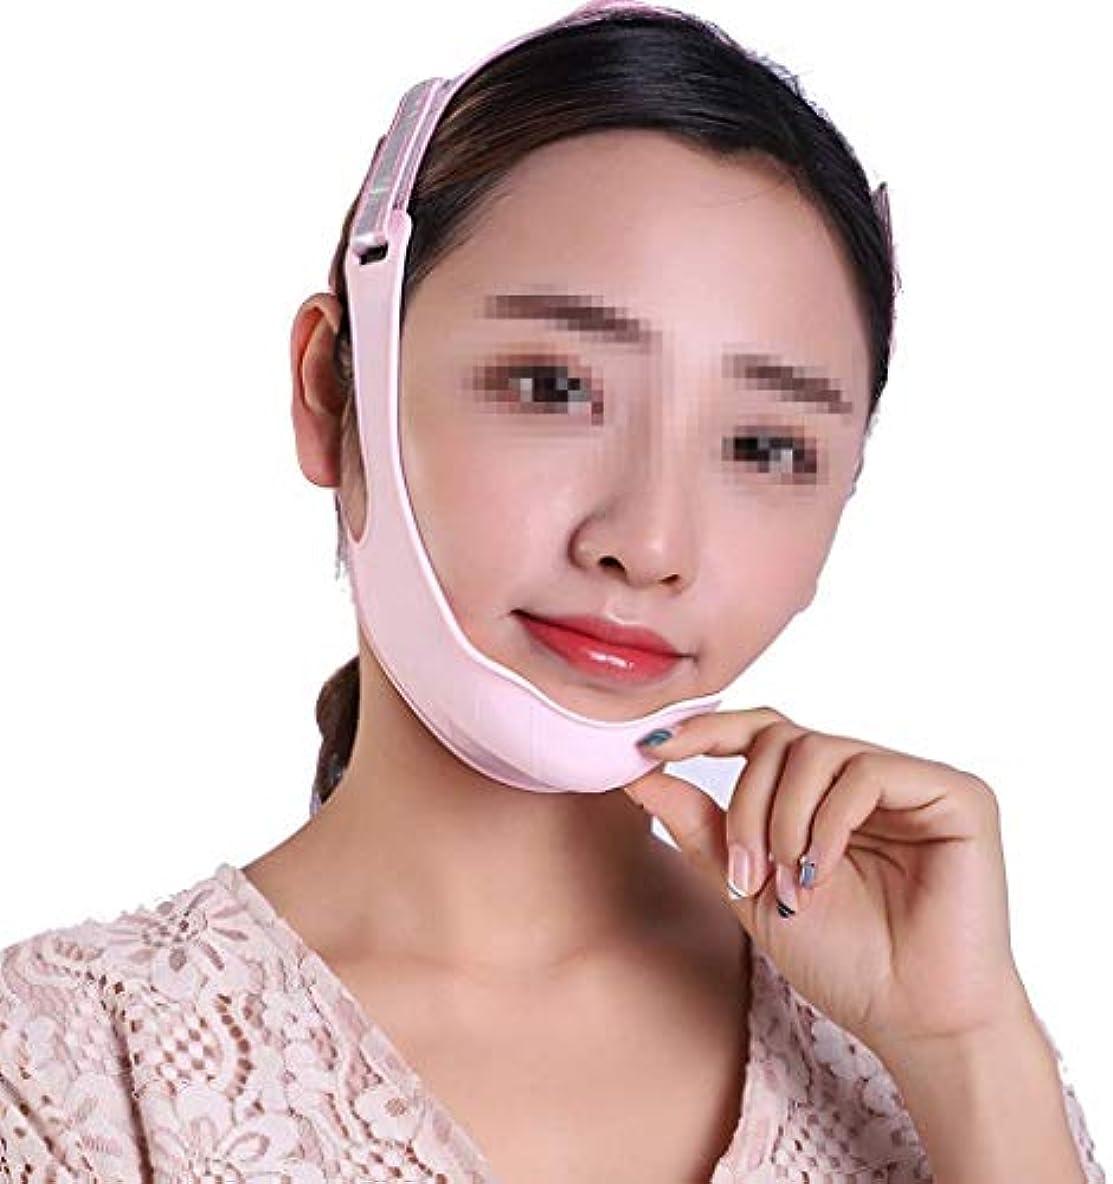 有効化財政胚芽美容と実用的なシリコンフェイスマスク、小さなV顔薄い顔包帯リフティング顔引き締めアーティファクトマッサージ師スキニー顔美容バー